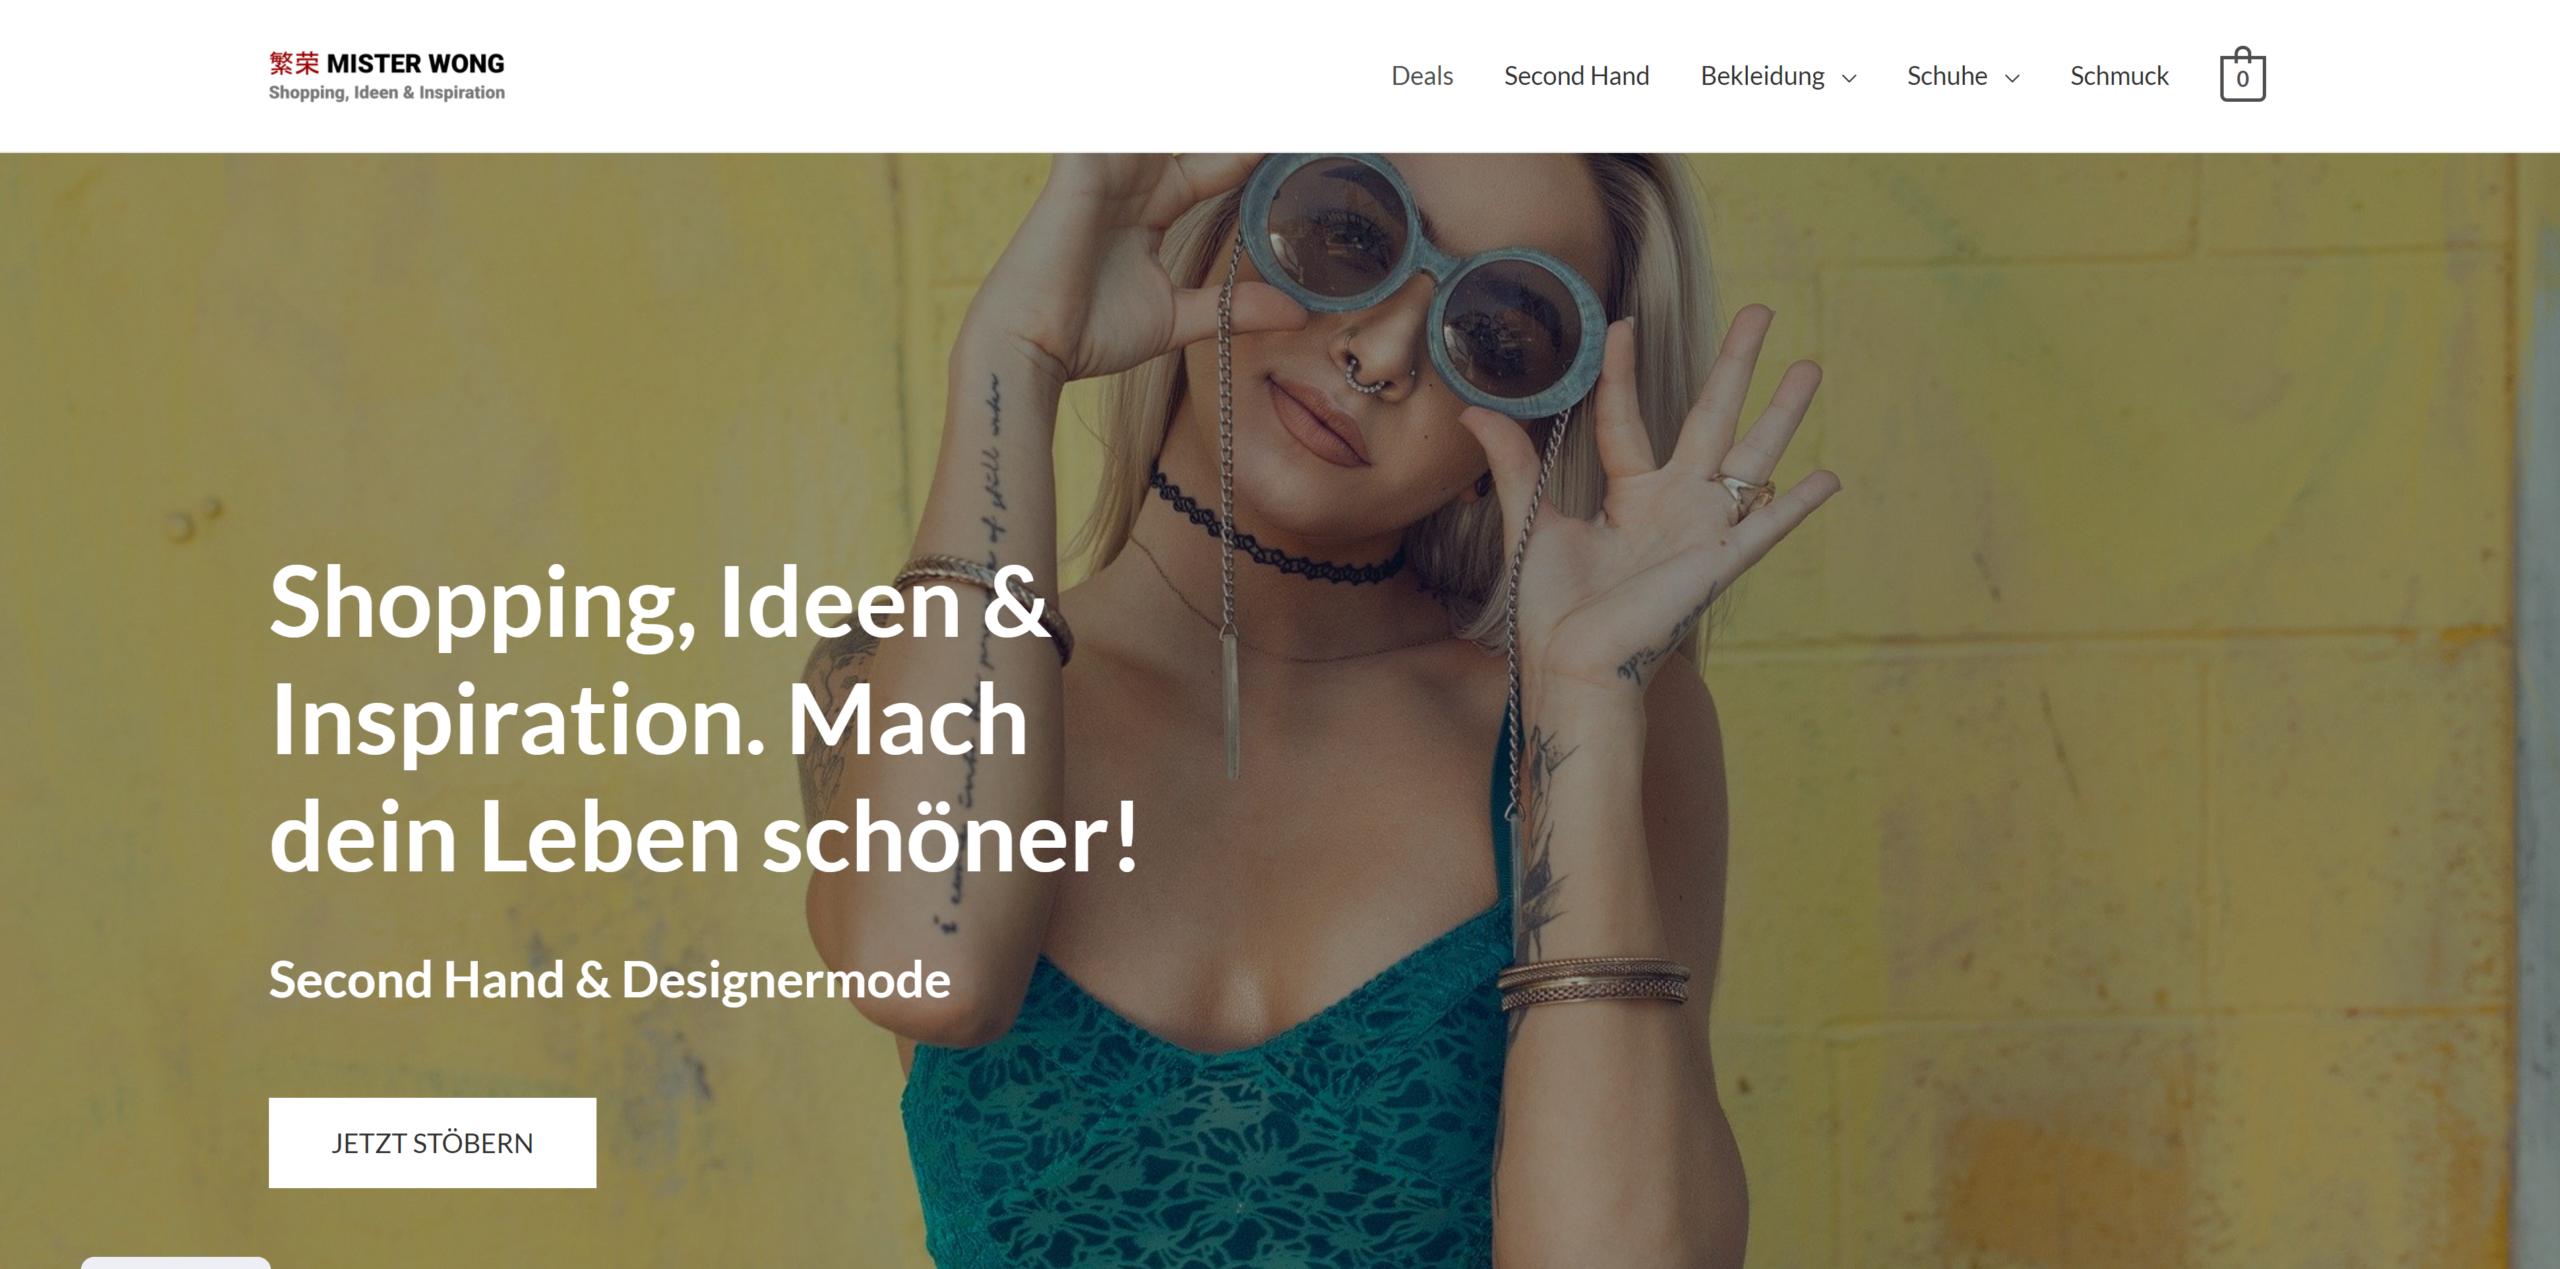 Mister-Wong.de: Shopping, Ideen & Inspiration